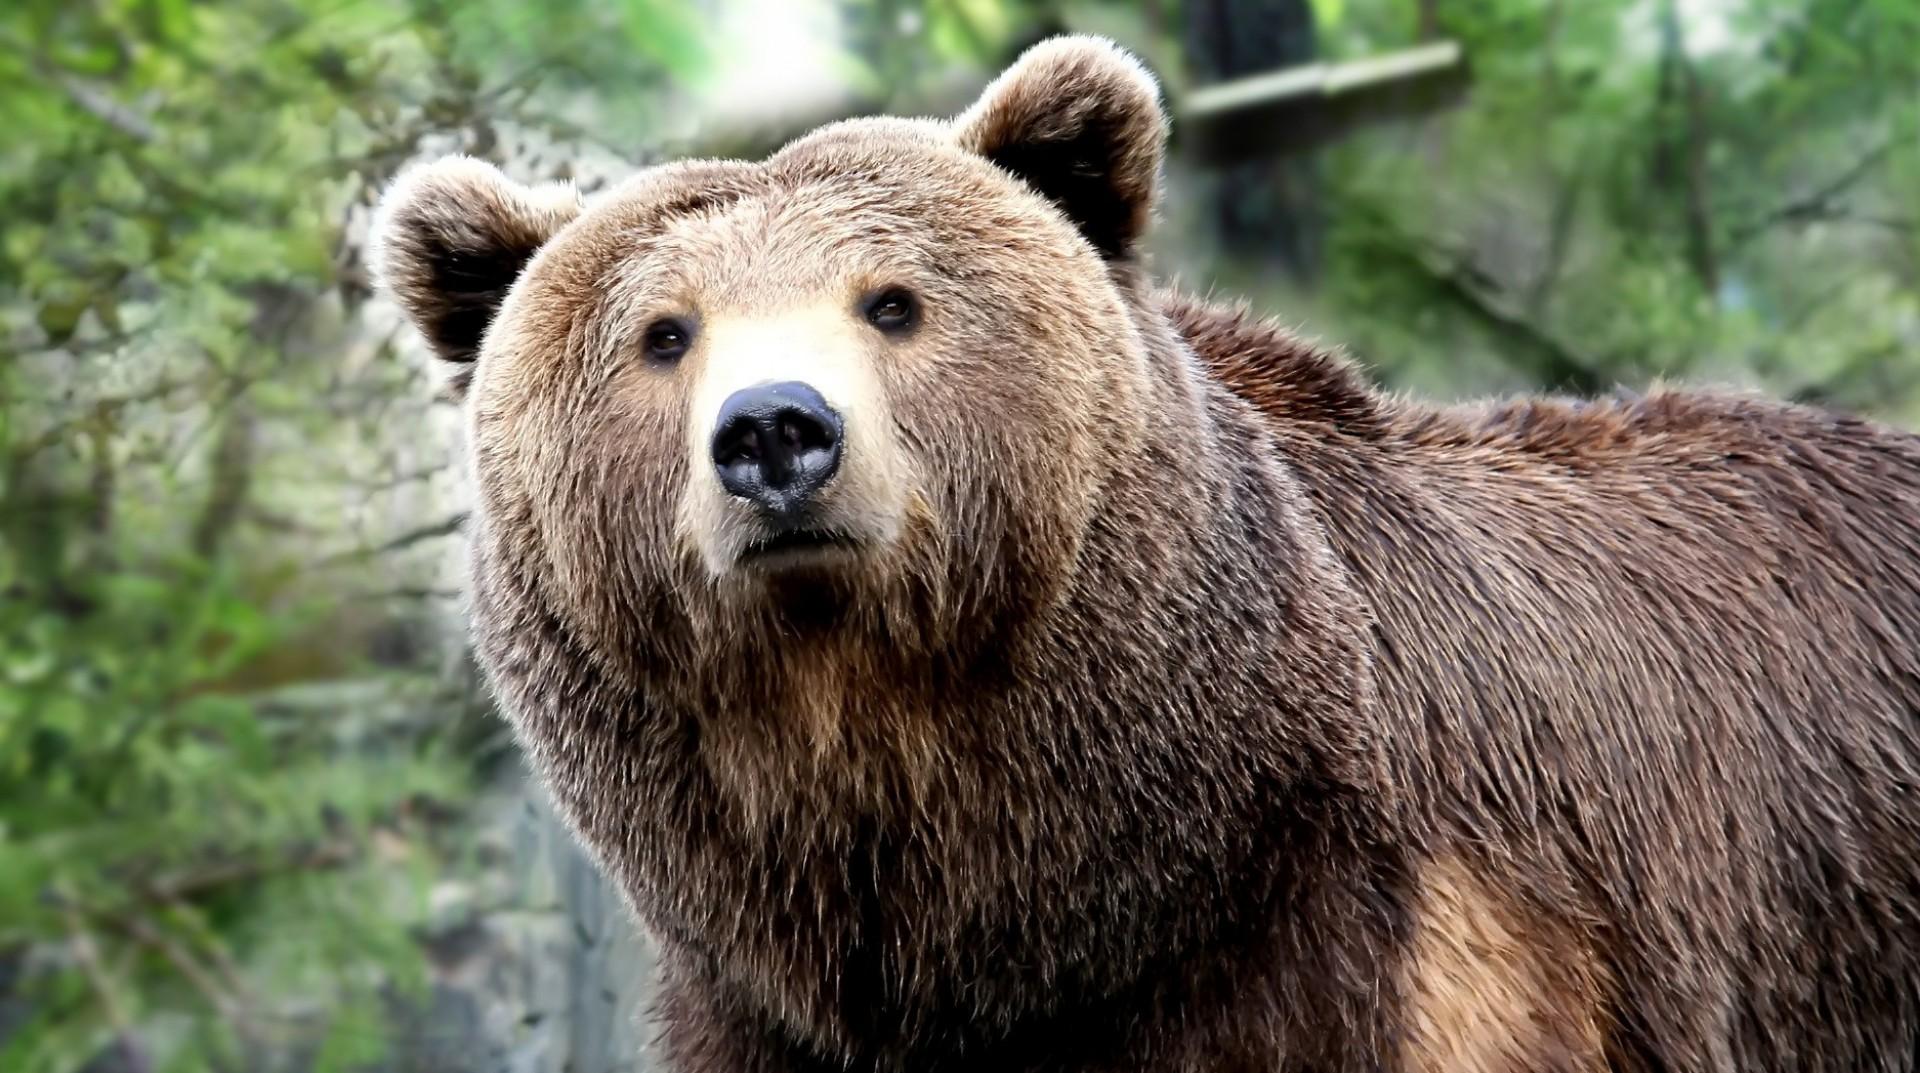 GrizzlyBearEndangeredSpecies.jpeg